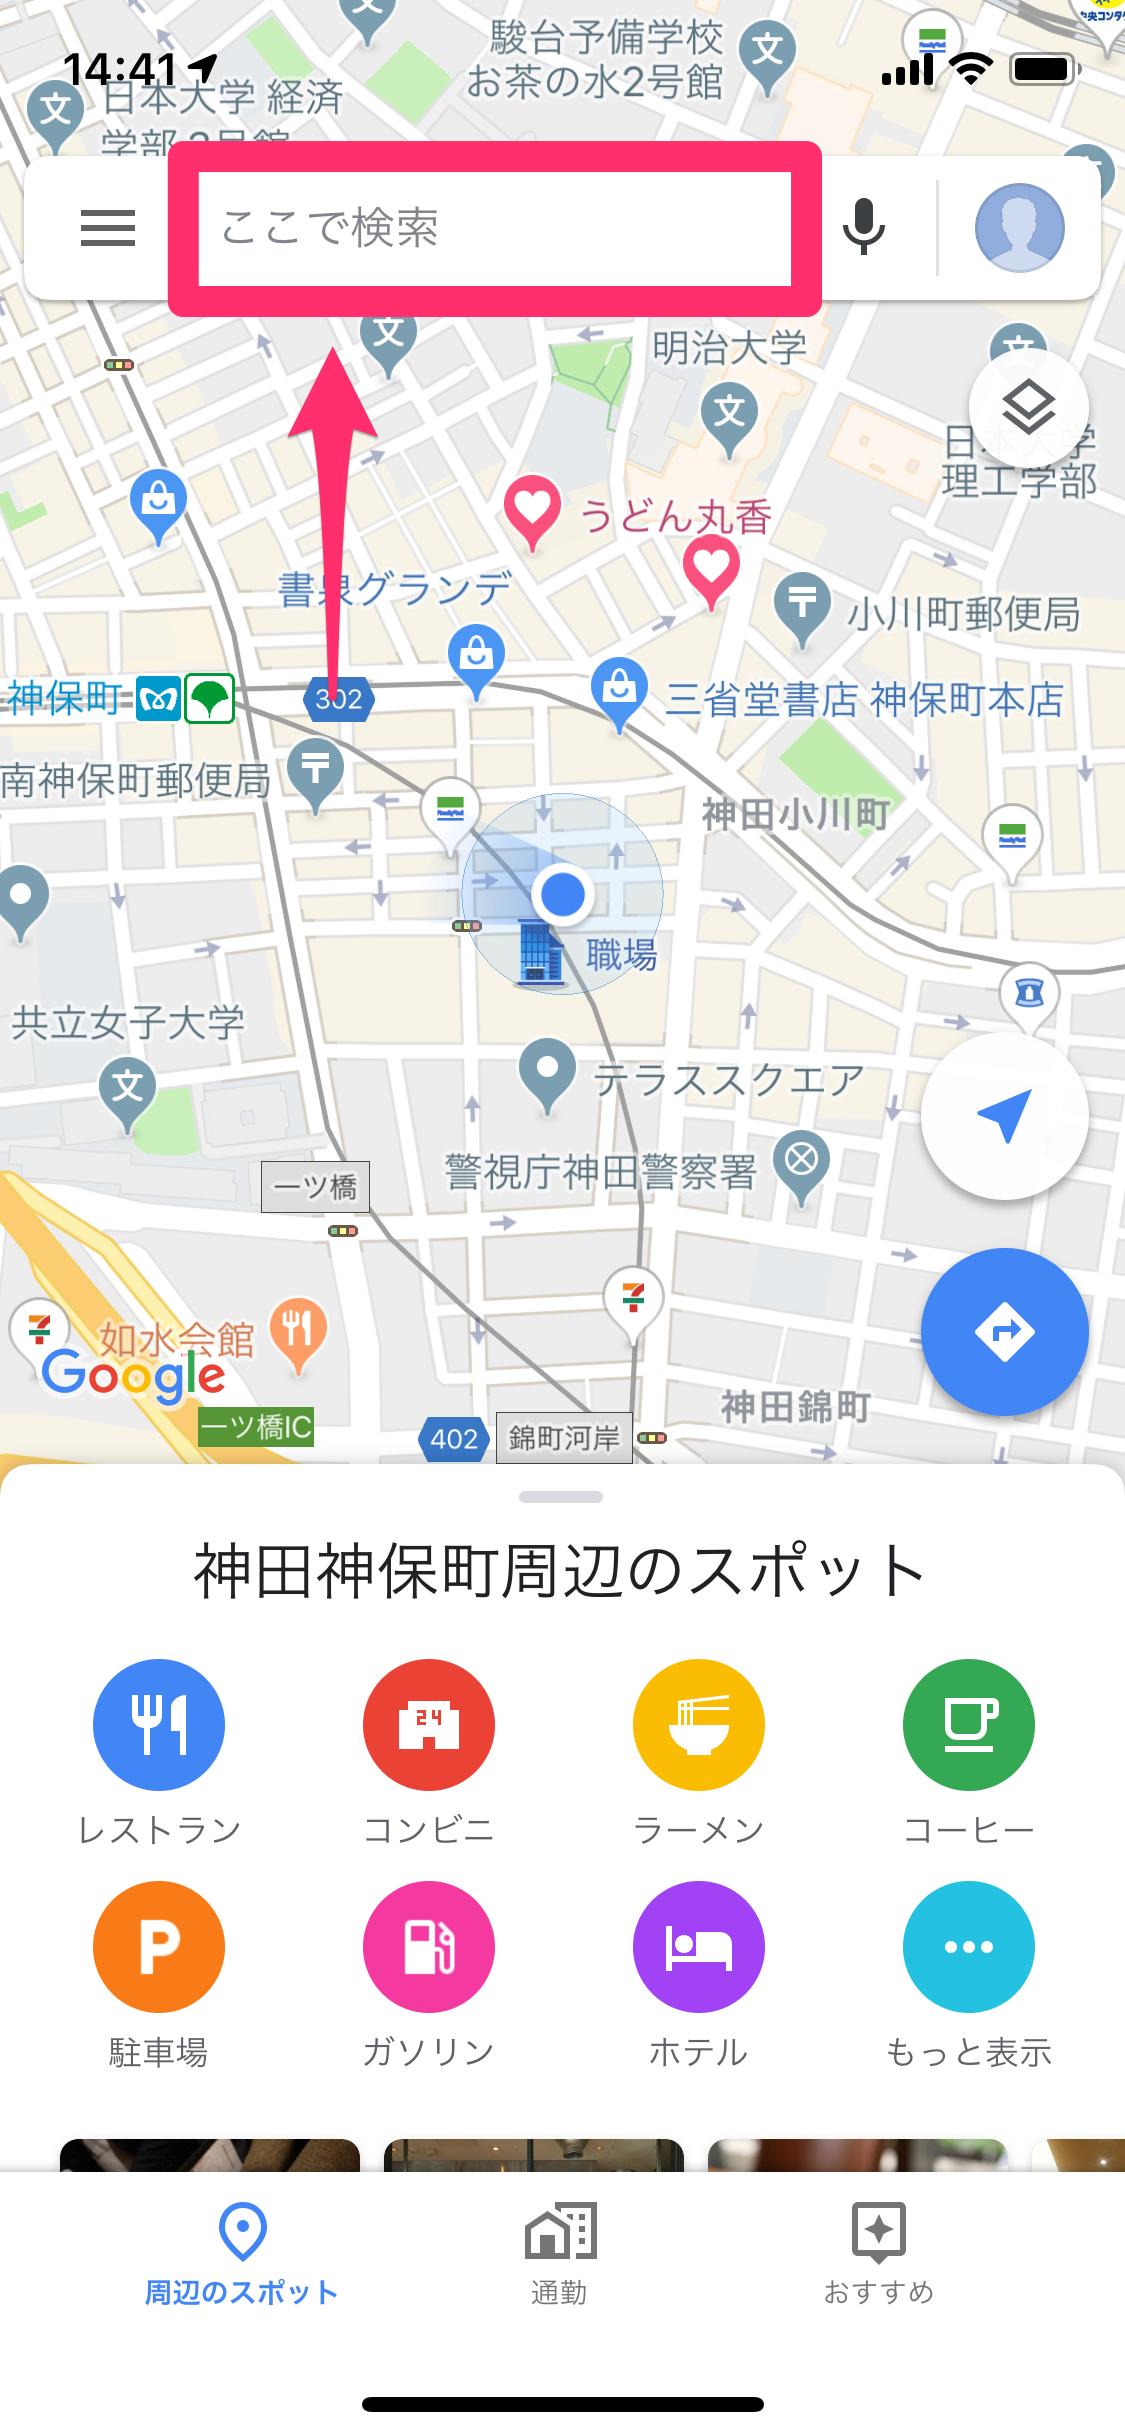 【Googleマップ】映画館の上映スケジュールを調べる方法。スポット情報からすばやく確認!